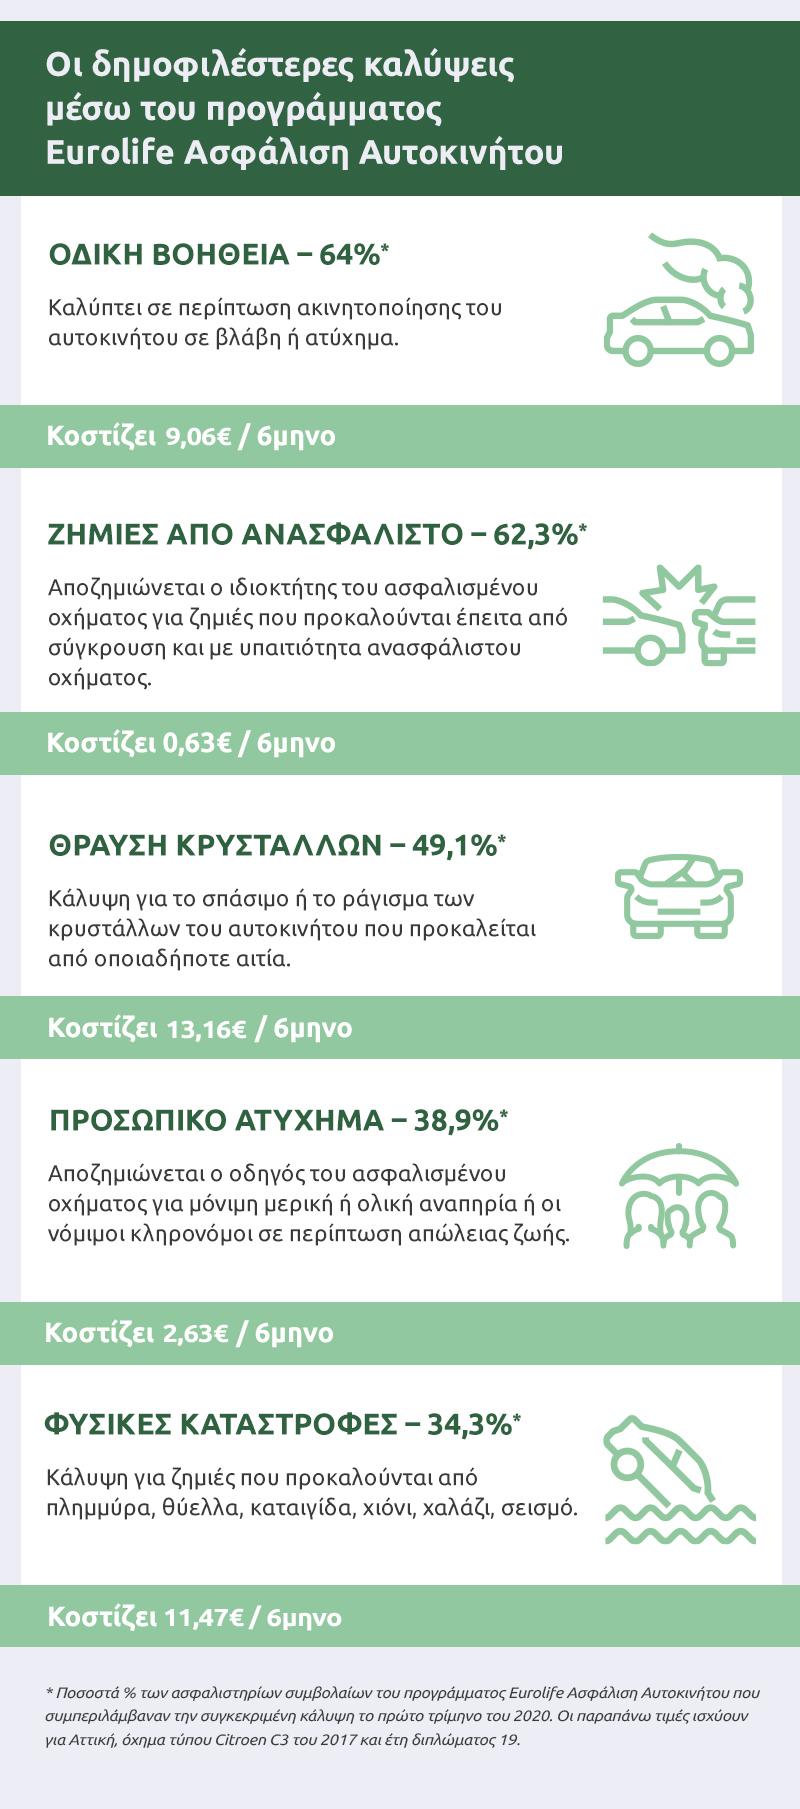 infographic_asfalisi_aytokinitou